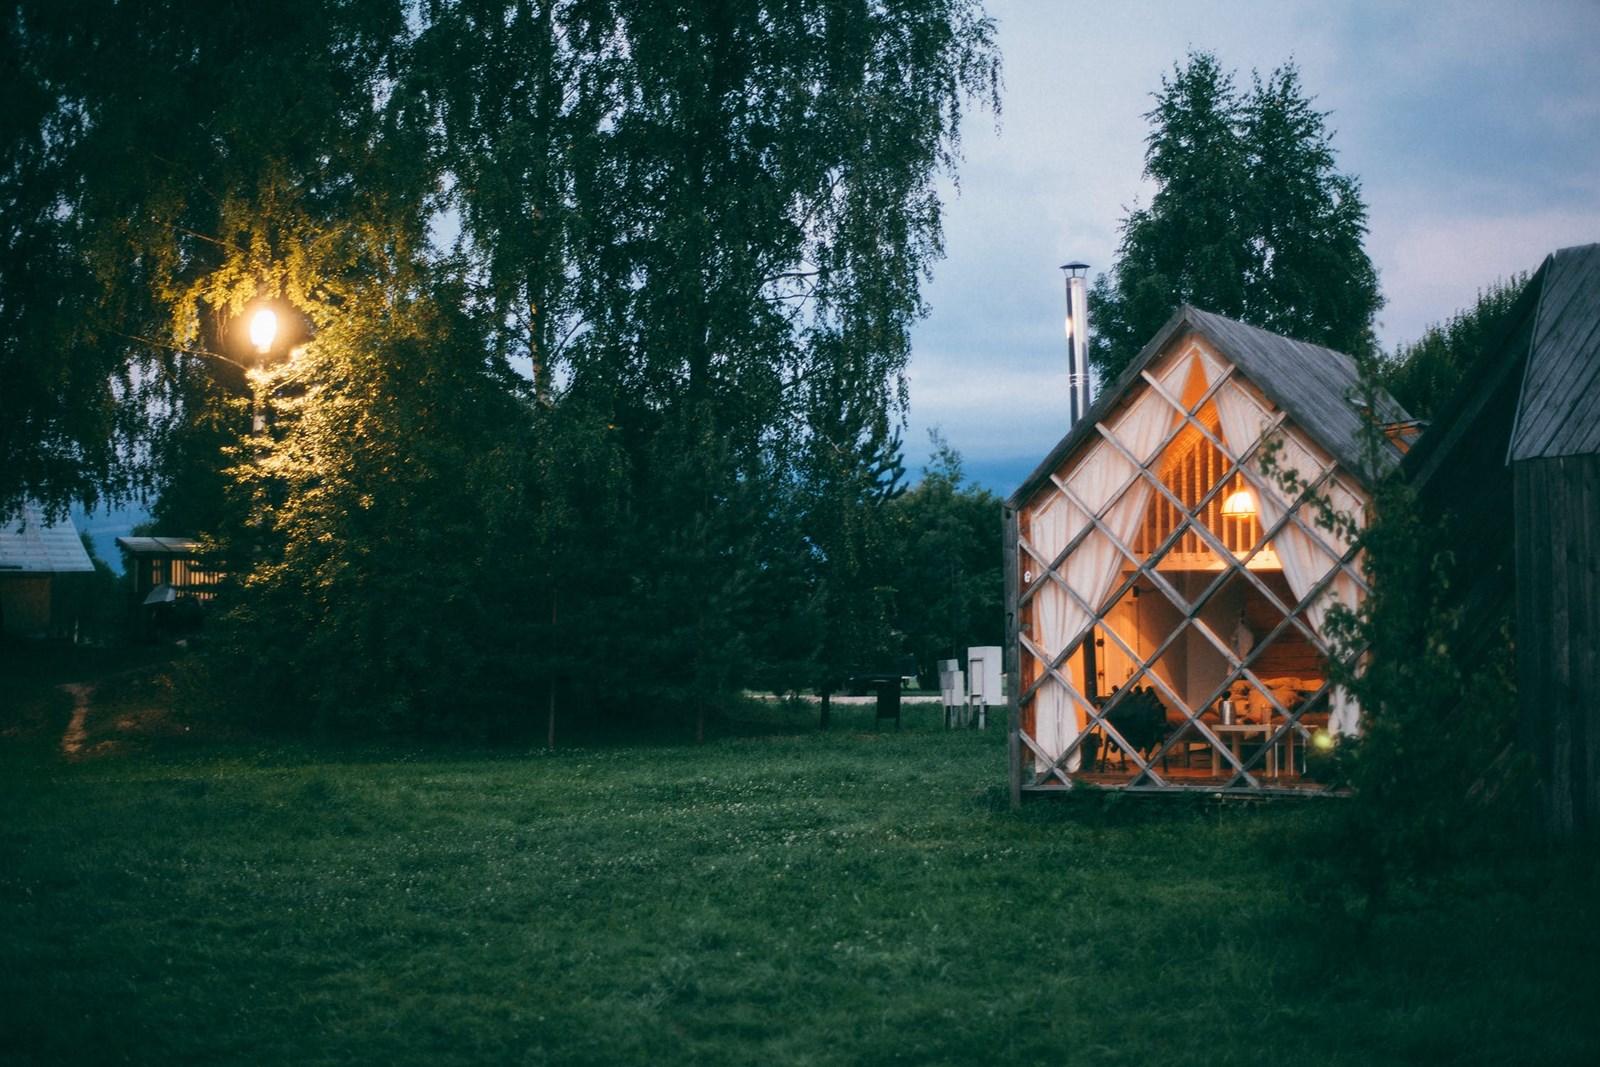 Yaşam Alanlarında Yeni Akım: Tiny House Hareketi